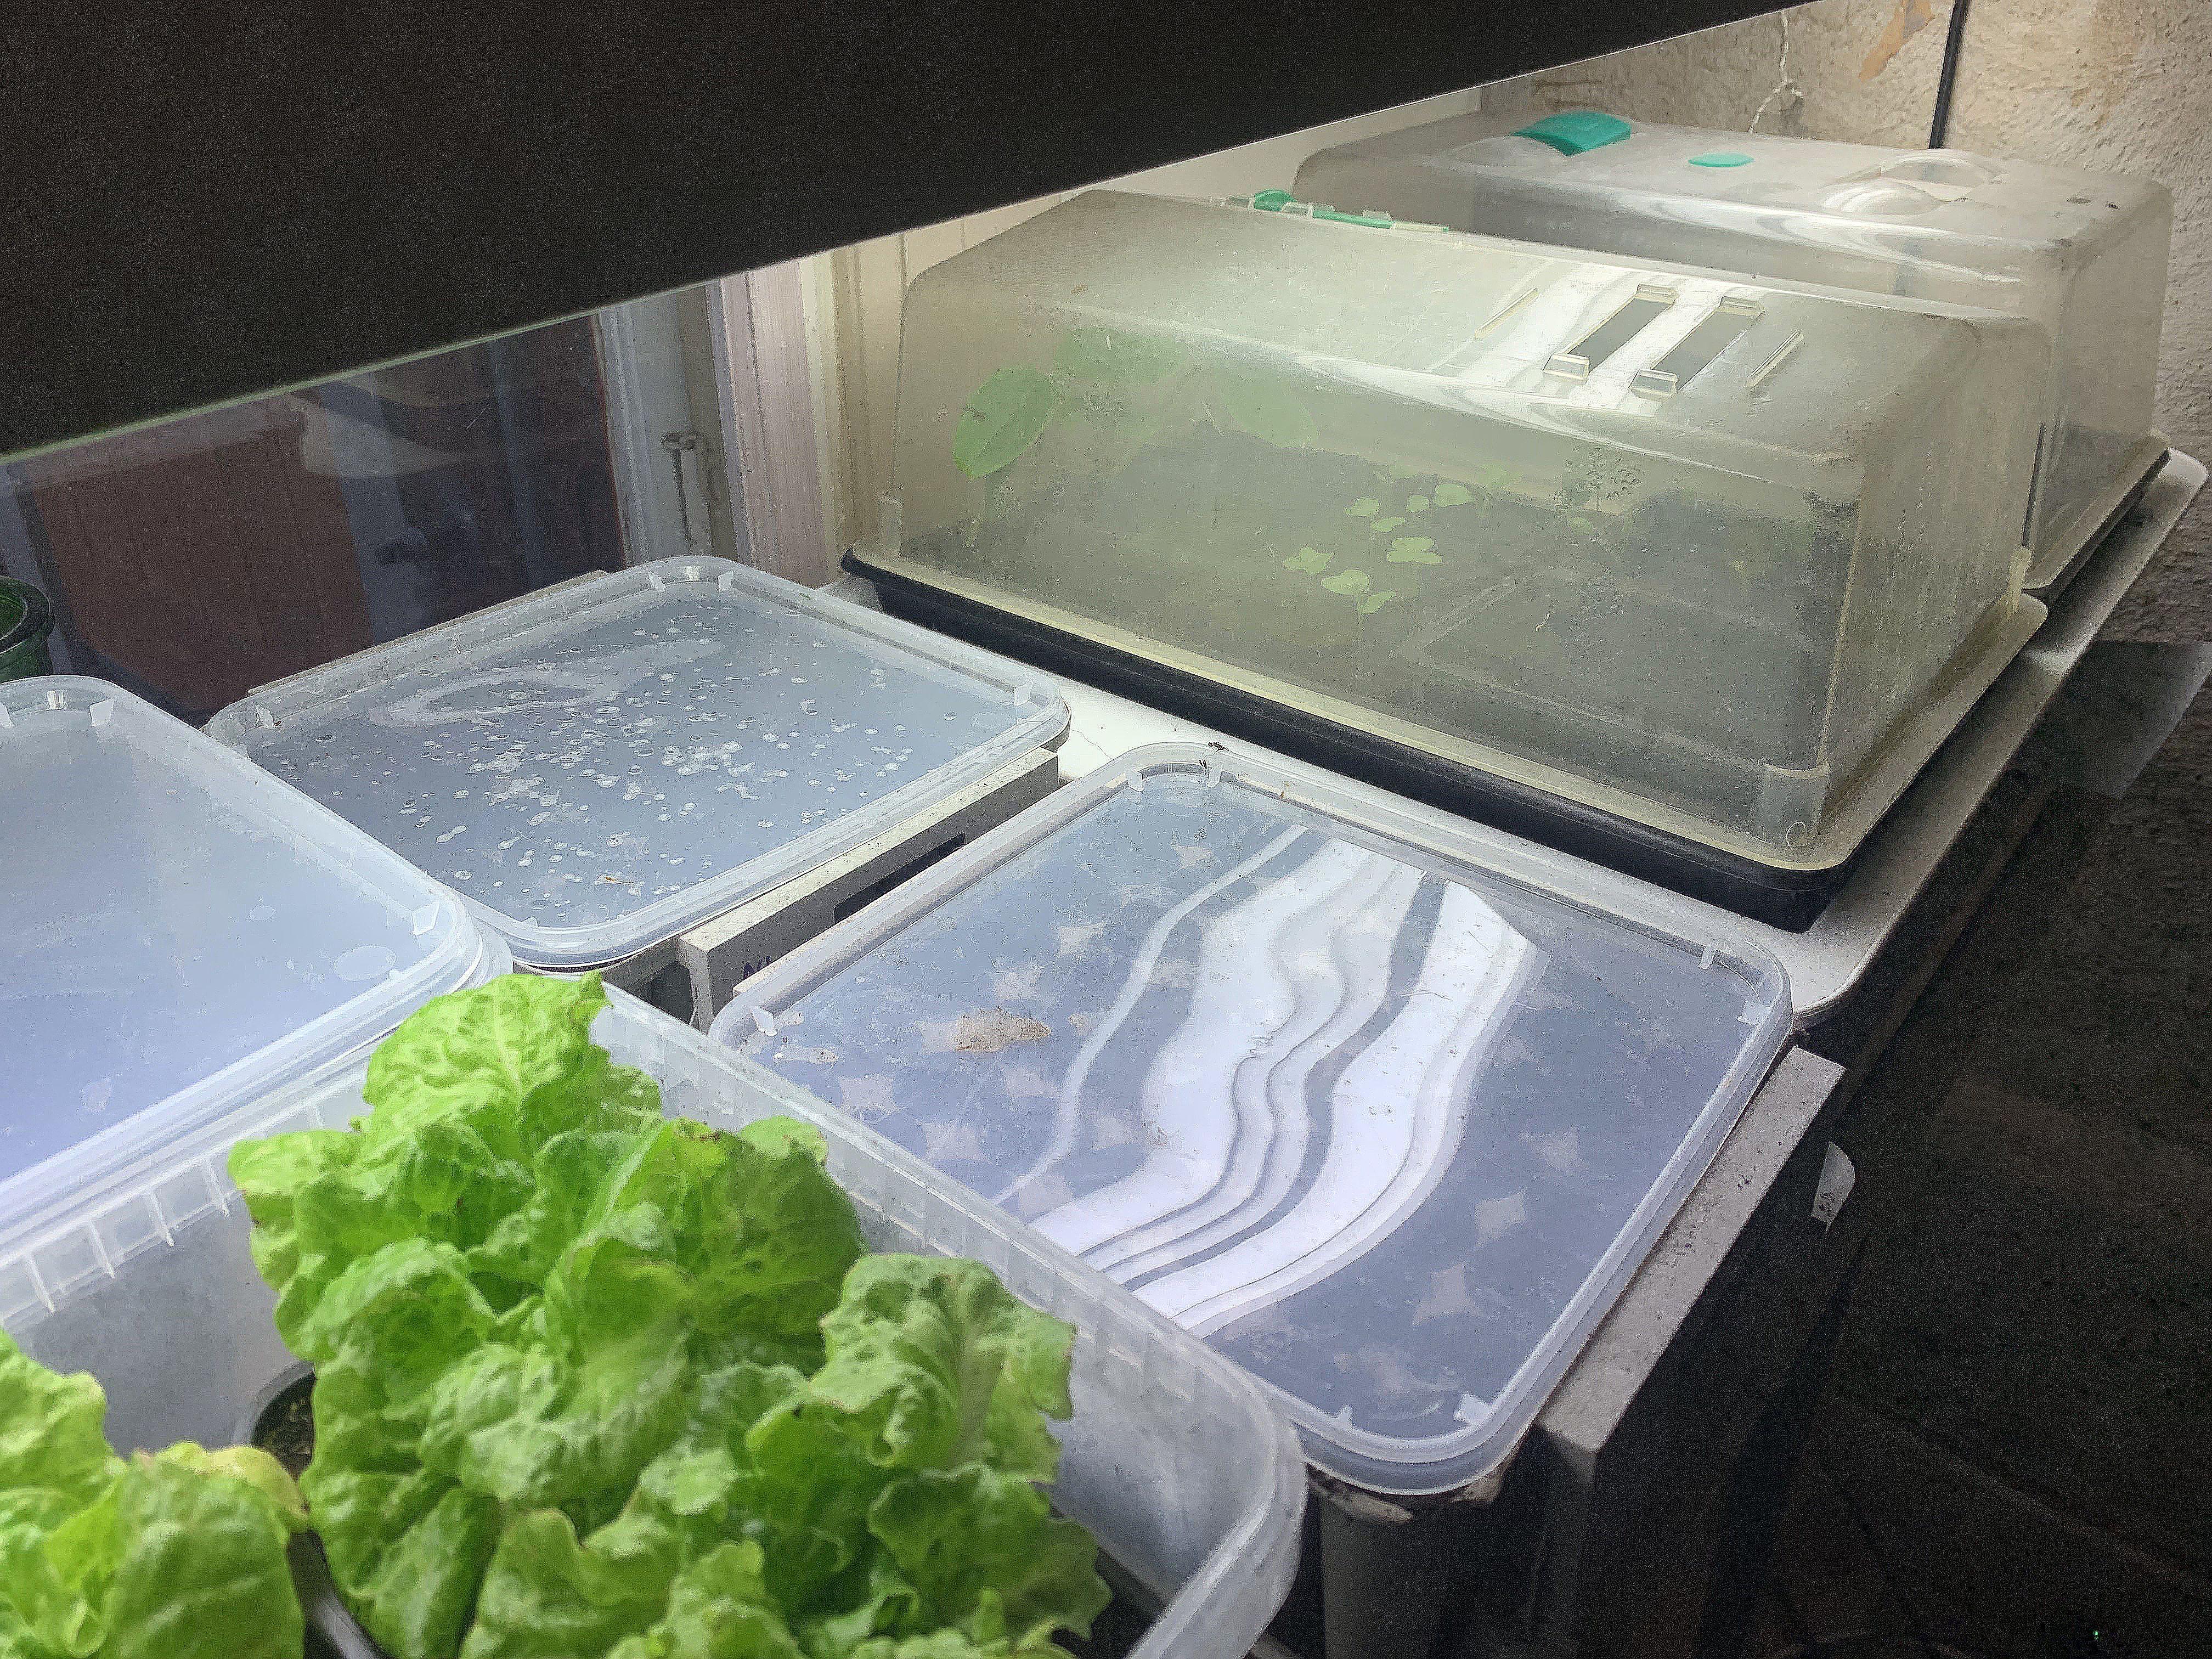 Små minidrivhus av plast under en stark växtbelysning. January sowings, miniature polytunnels.